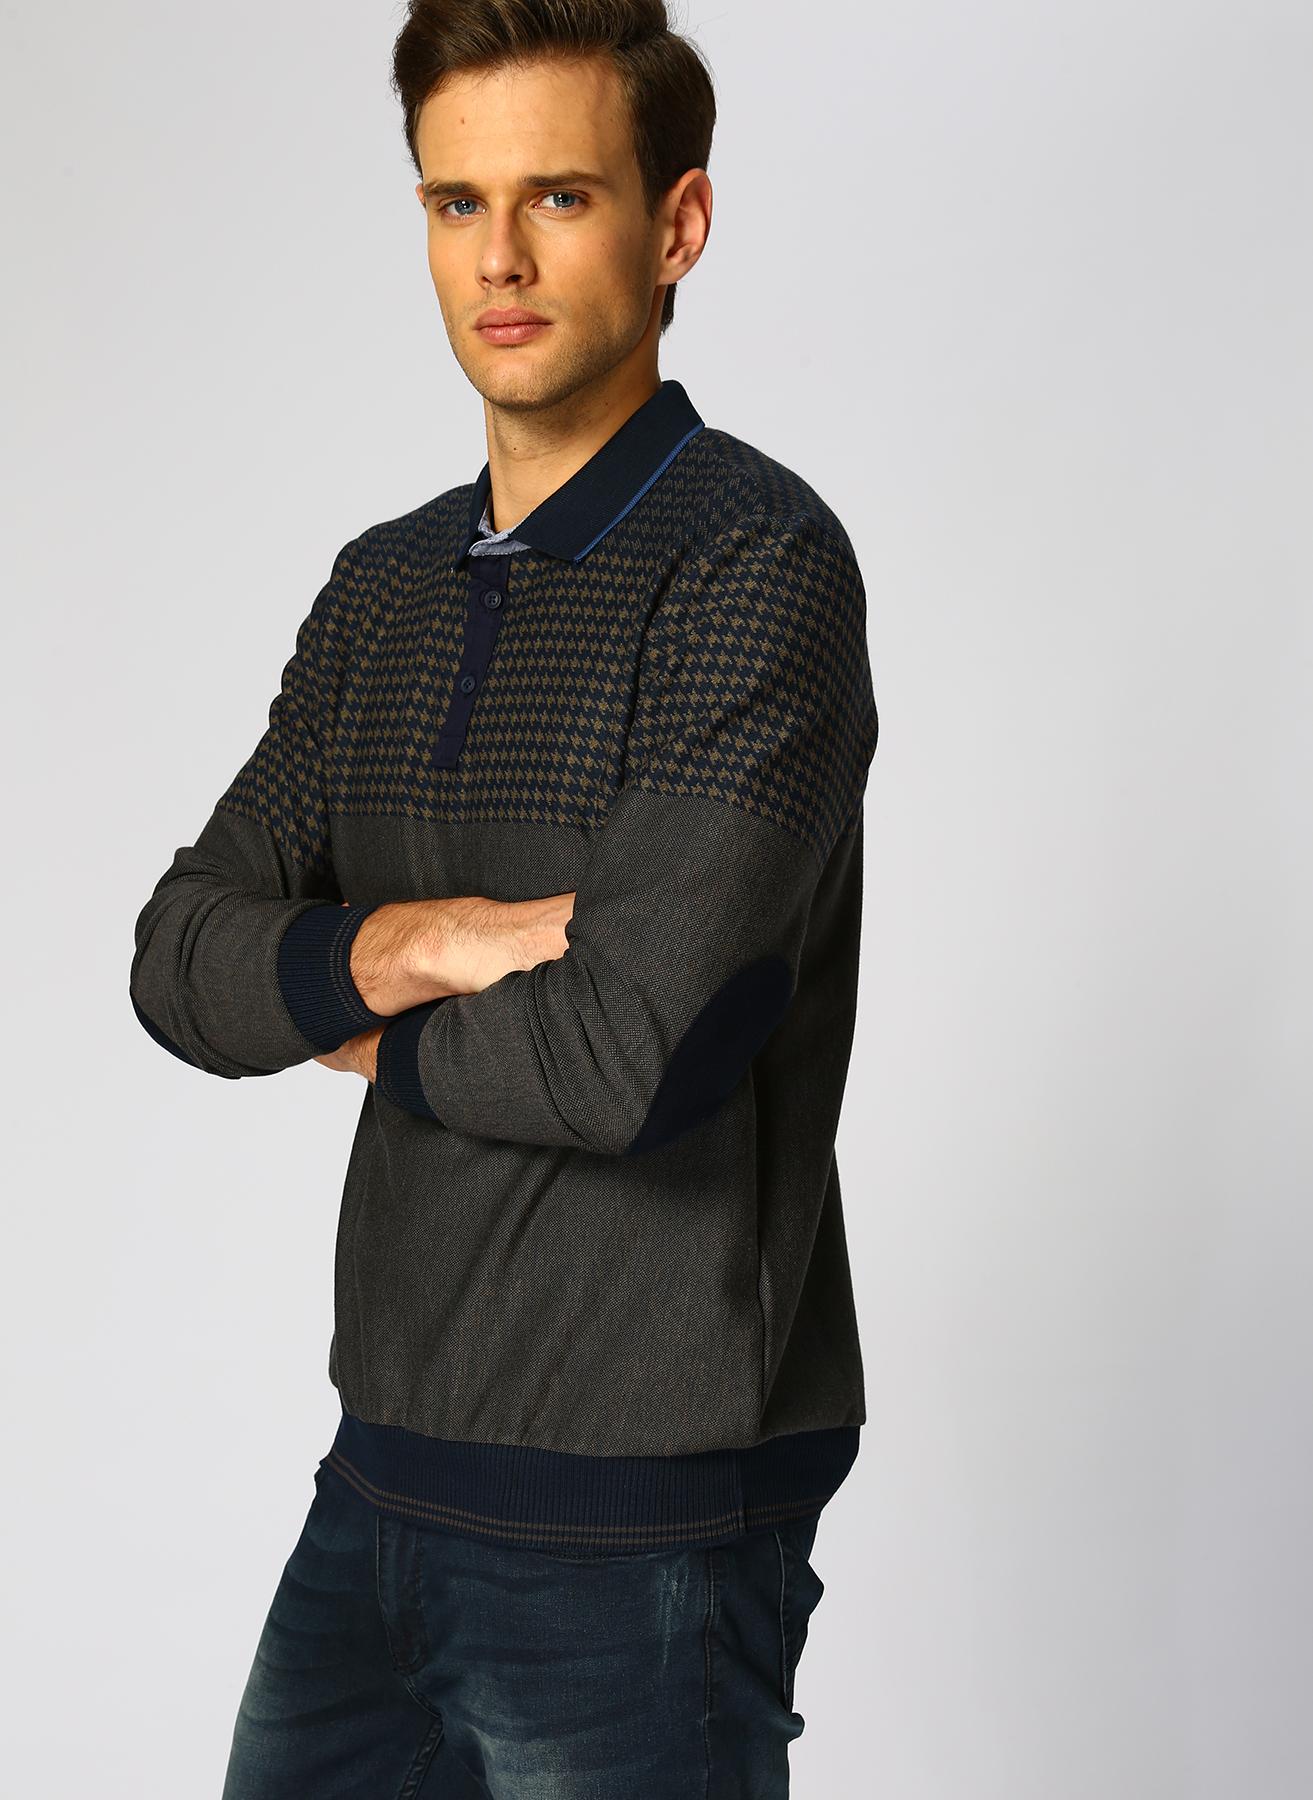 Cotton Bar Lacivert Sweatshirt S 5001633984001 Ürün Resmi